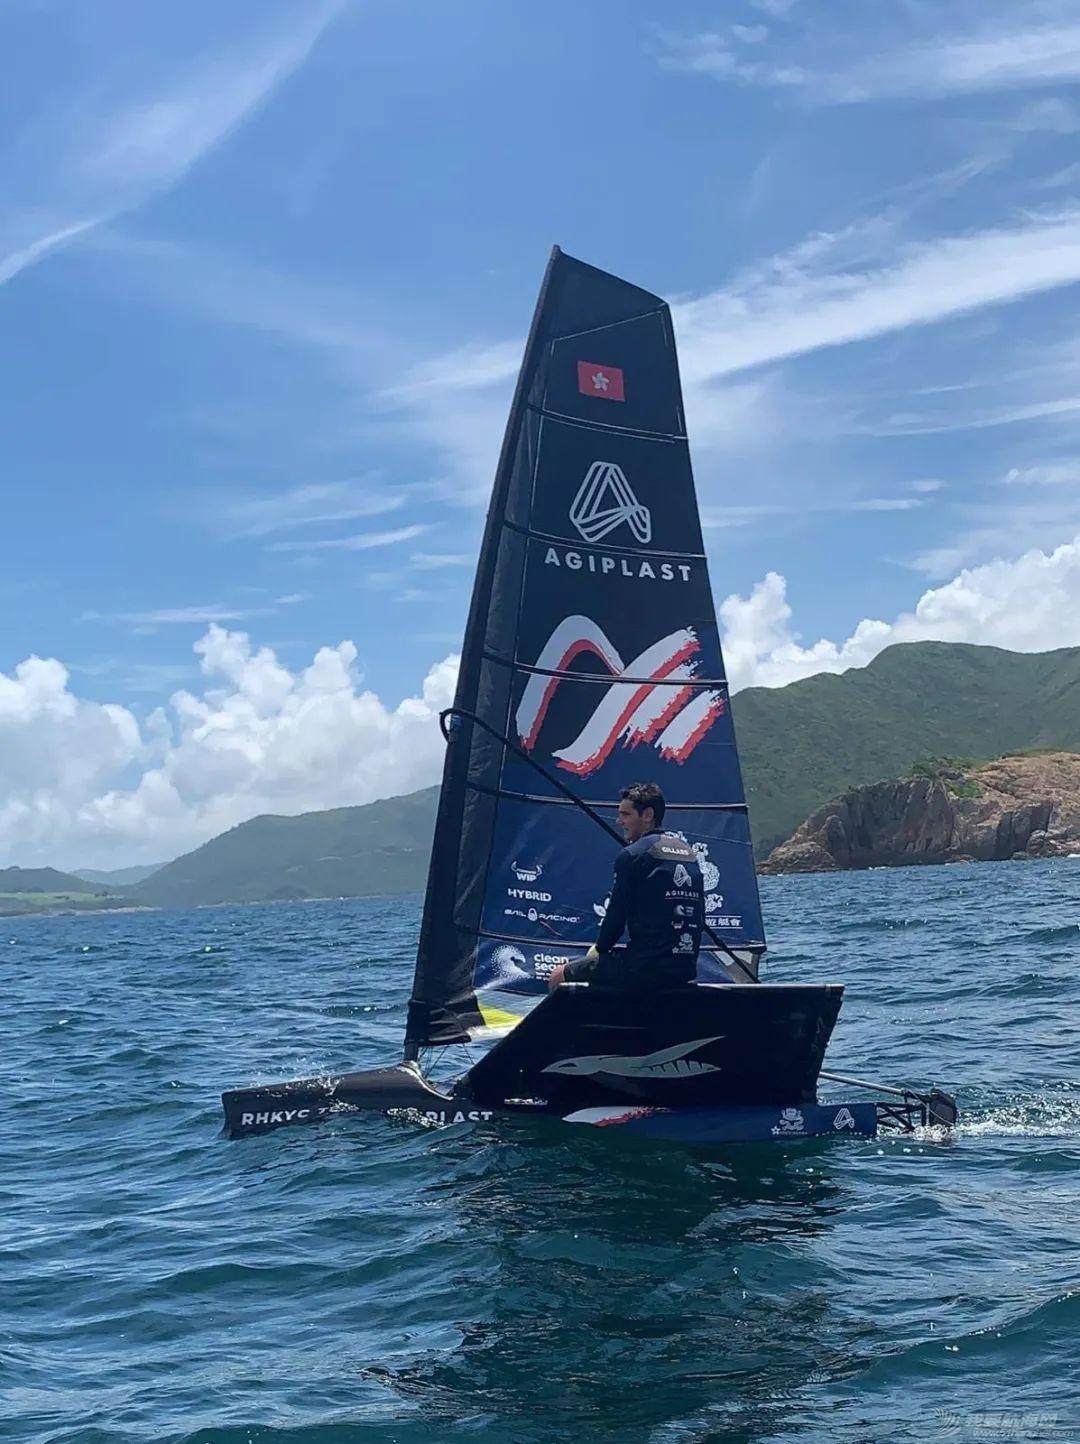 赛队 | 荷兰飞出新纪录,香港船队首战告捷w4.jpg